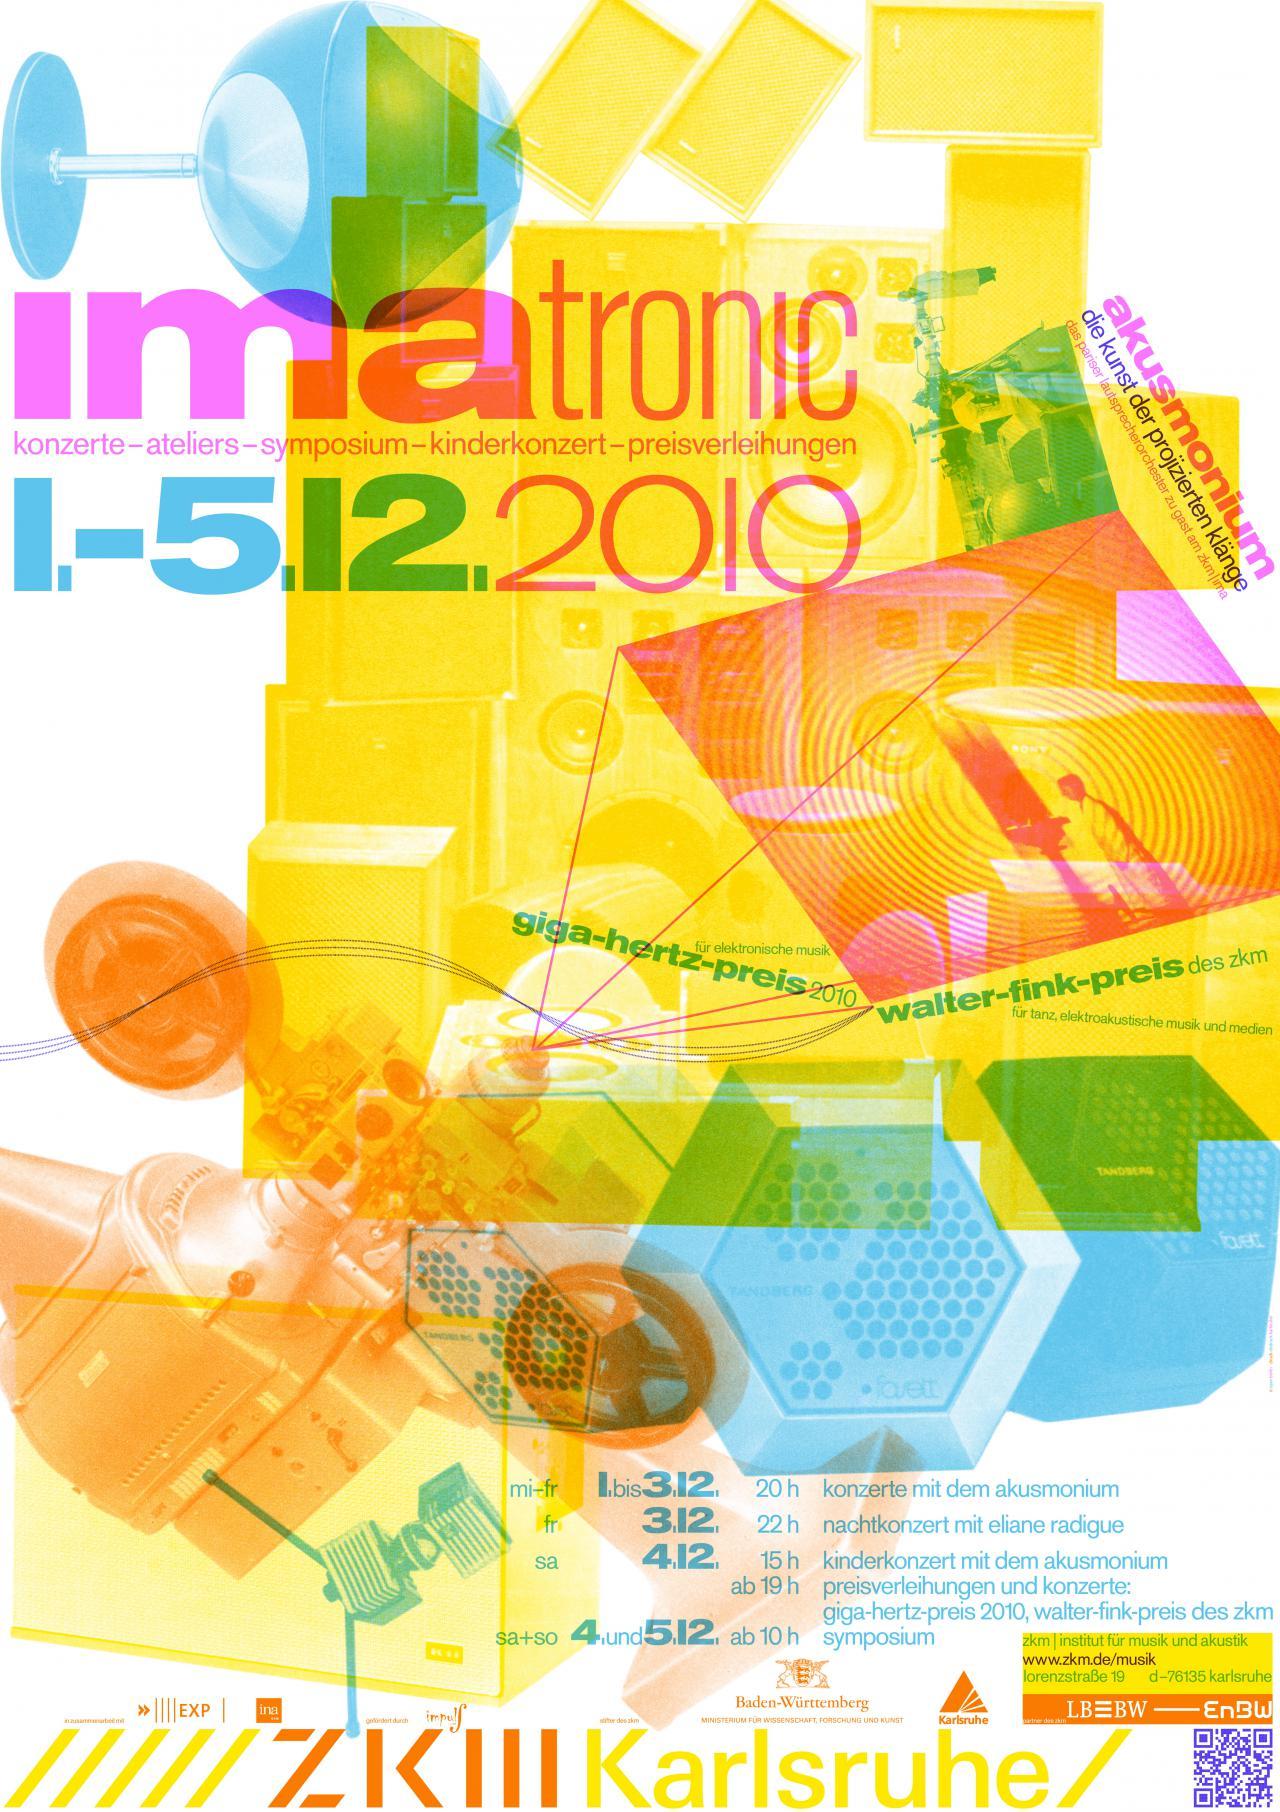 Poster Giga-Hertz Award 2010 at ZKM | Karlsruhe